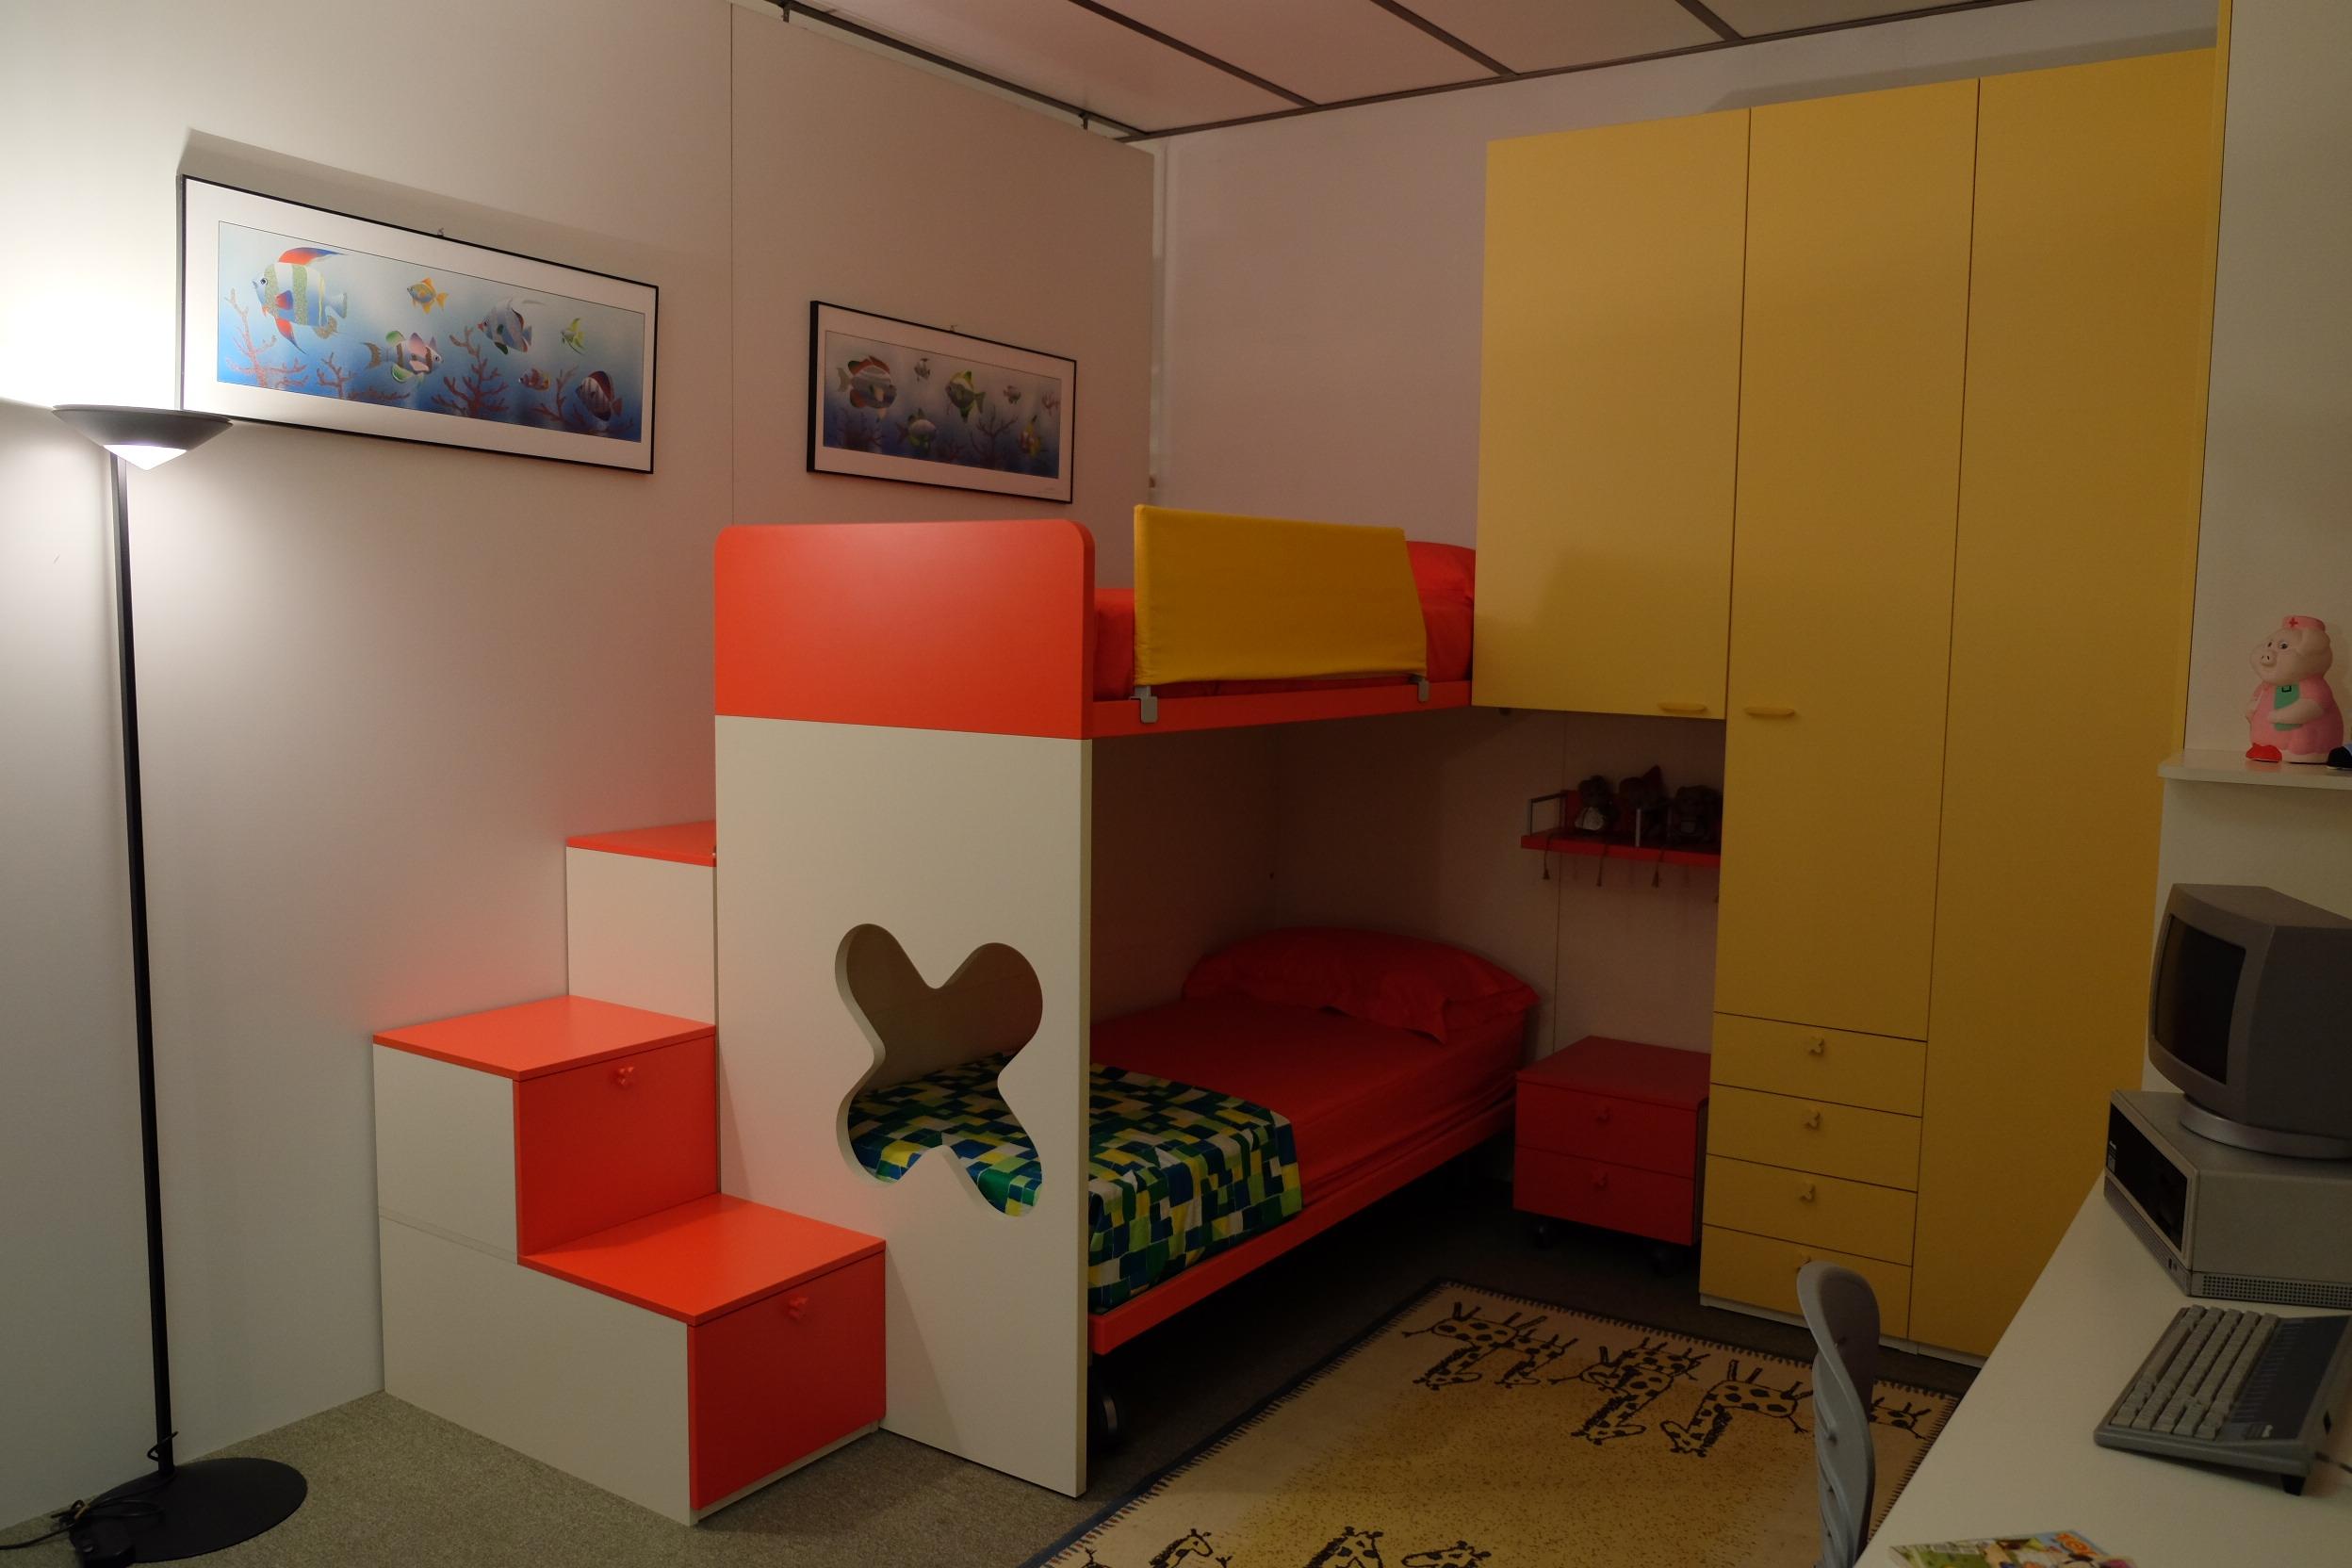 Letto A Castello In Legno Naturale.Scaletta In Legno Per Letto A Castello Letti Per Bambini 8 12 Ikea